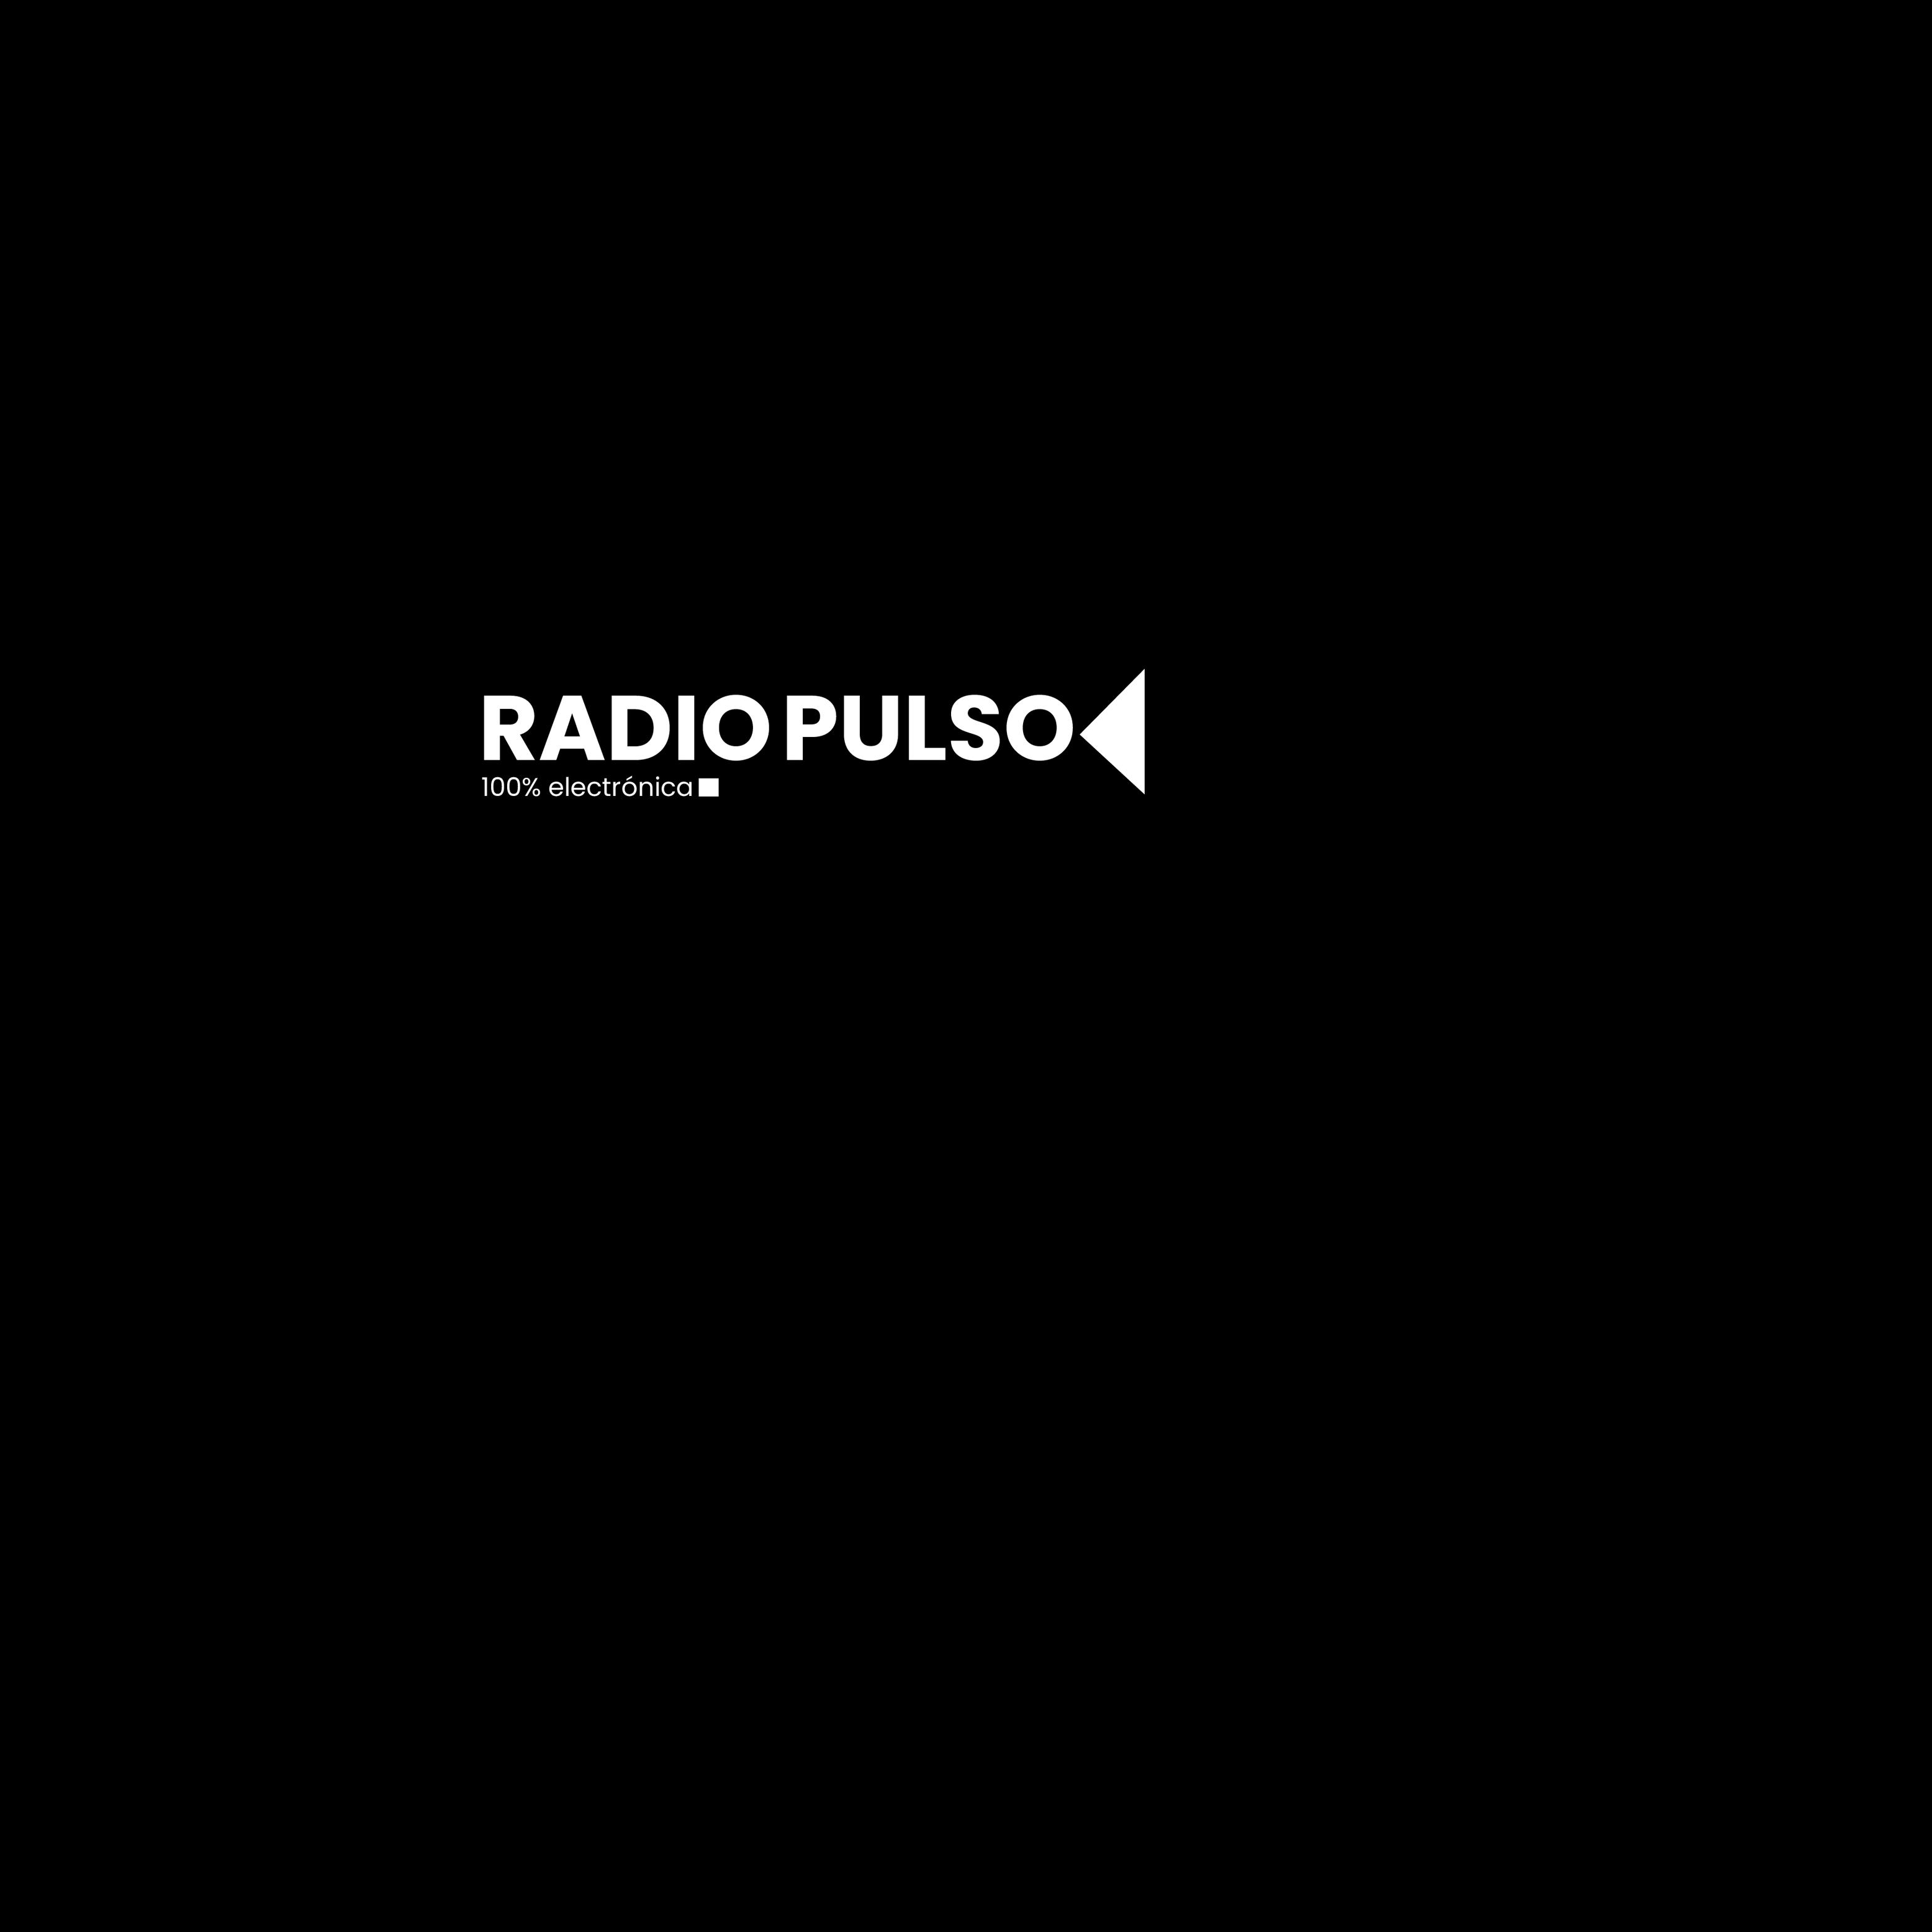 Radio Pulso 100% electrónica